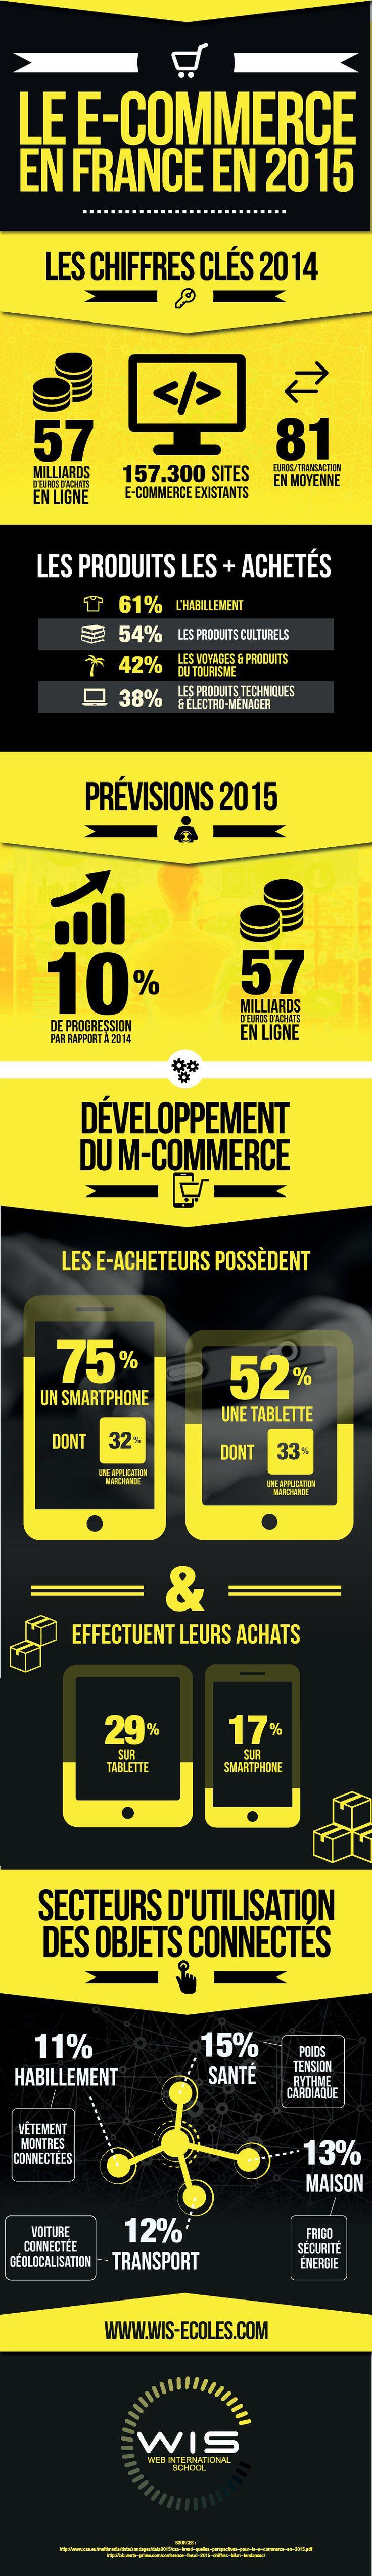 E-commerce en France : comparatif des chiffres 2014 et 2015 (infographie) – Entreprendre.fr